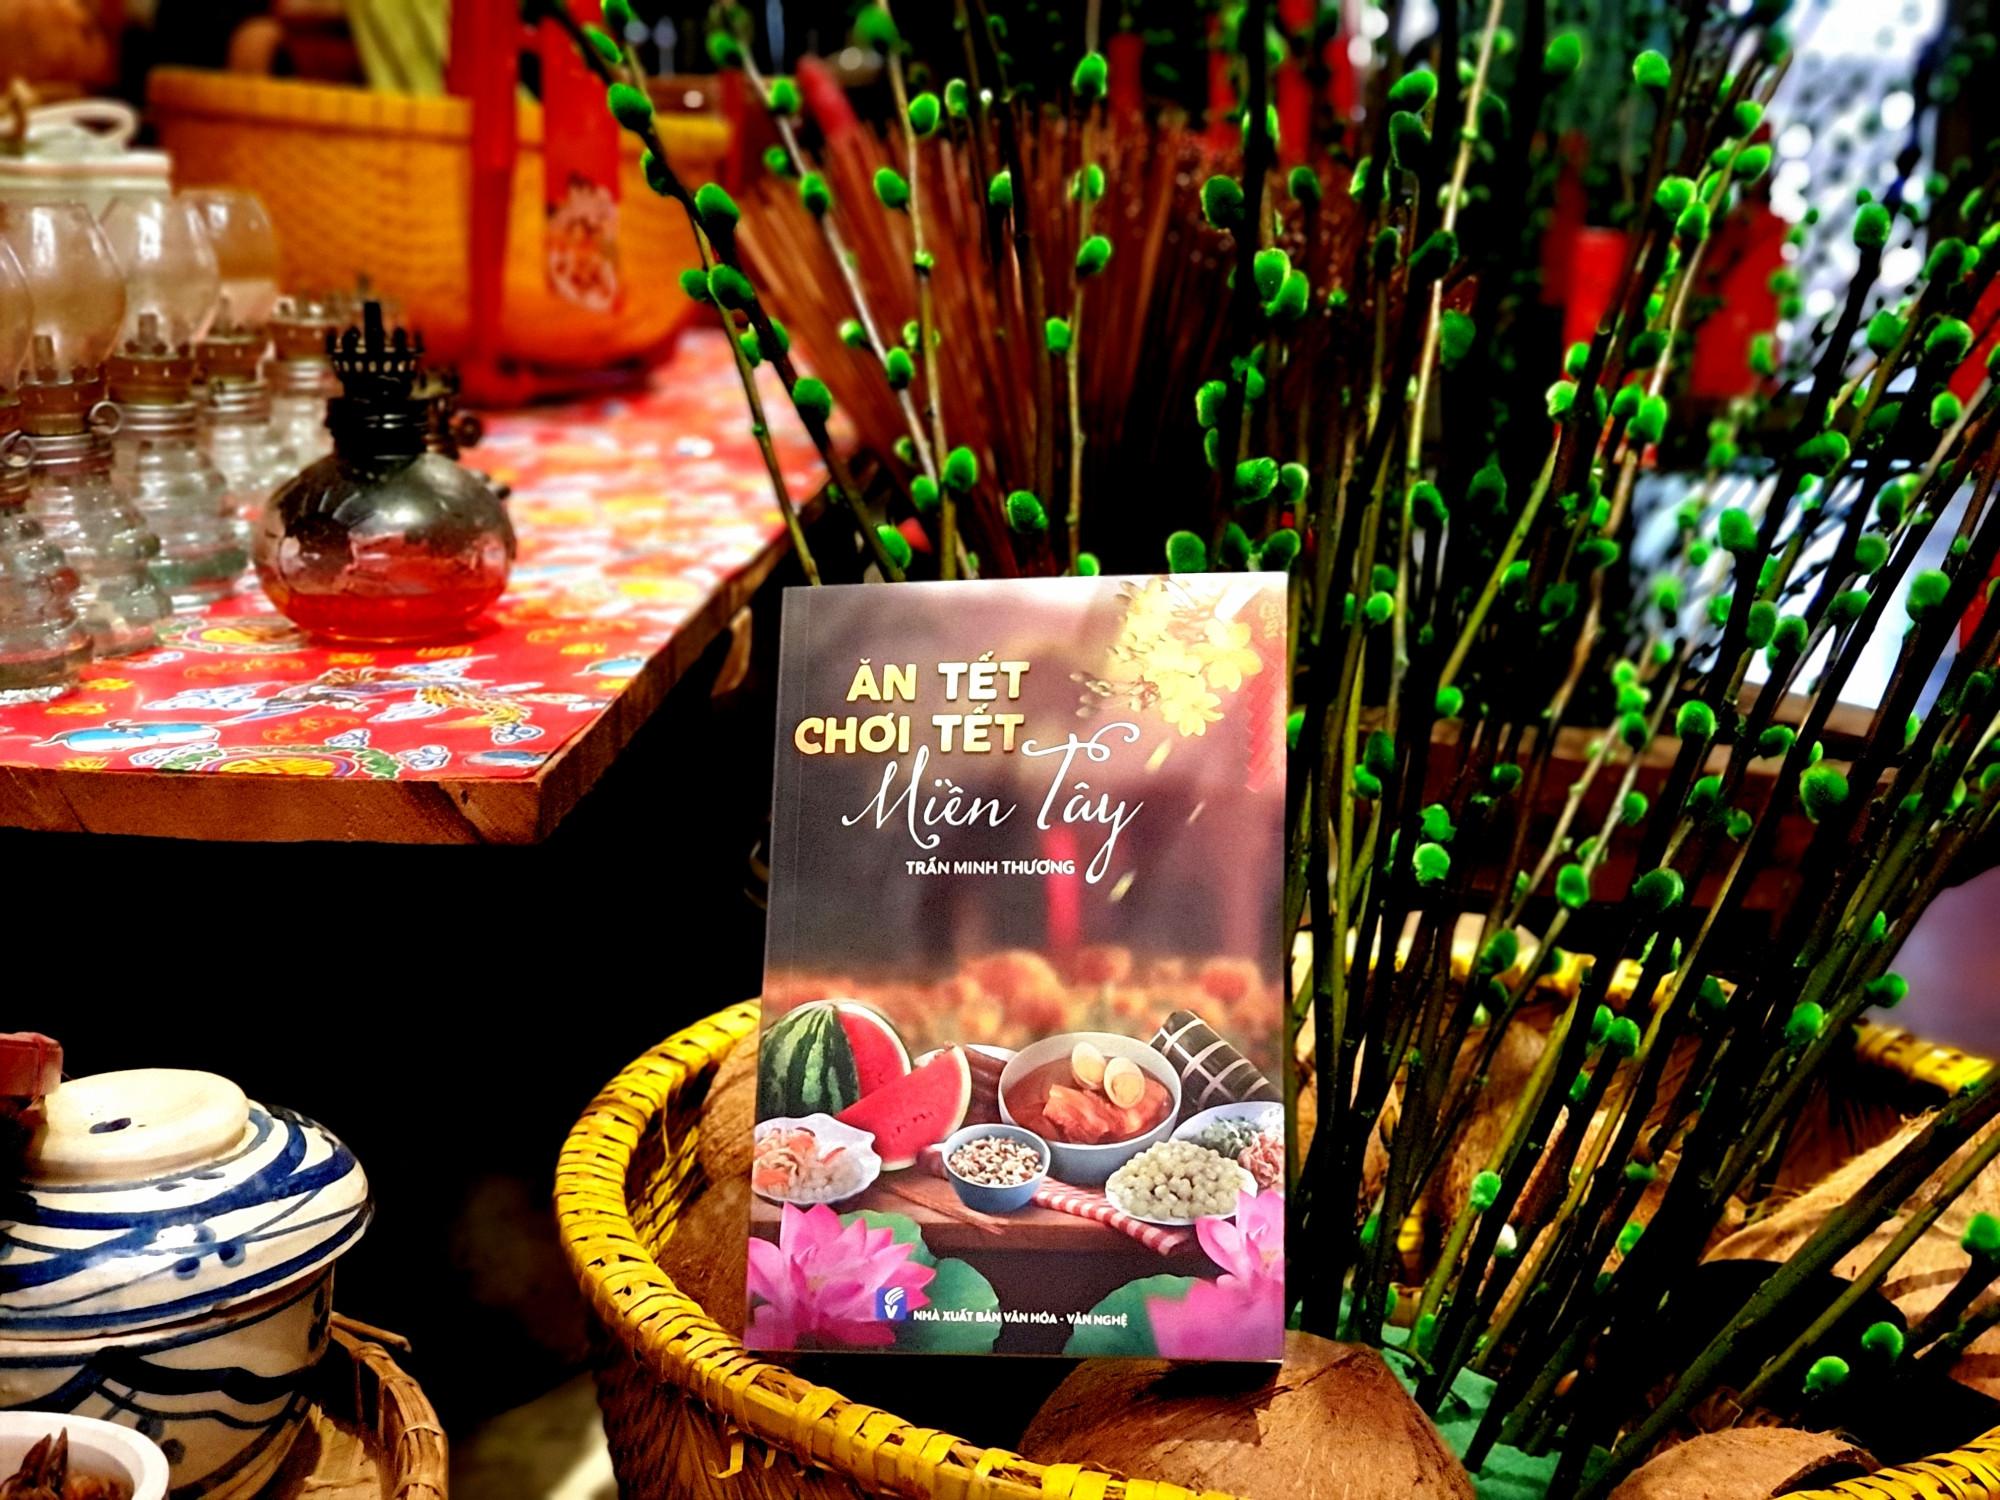 Cuốn sách bao gồm nhiều câu chuyện lý giải về nhiều phong tục ăn Tết của người miền Tây